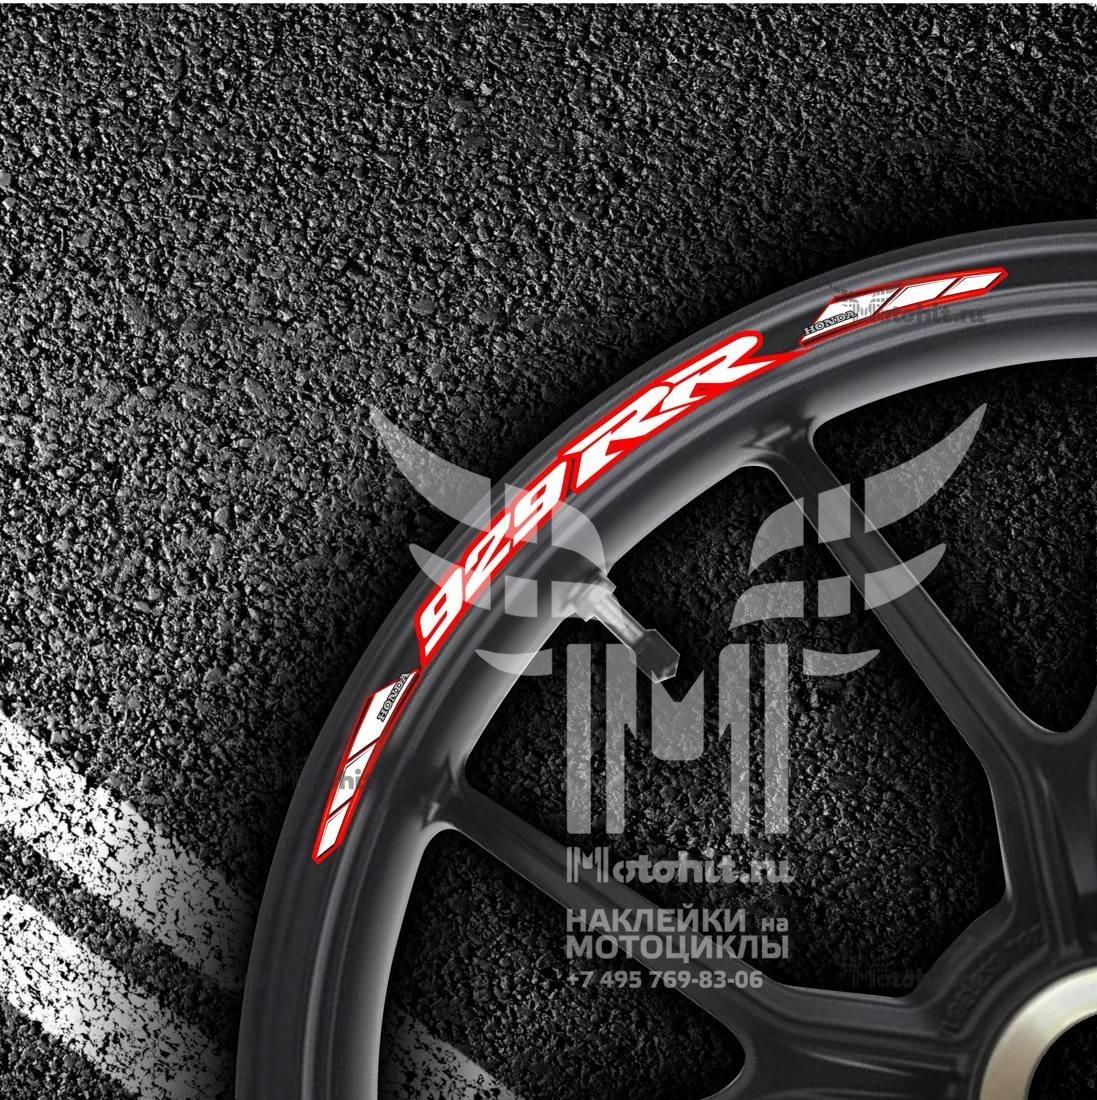 Комплект наклеек на обод колеса мотоцикла HONDA 929-RR